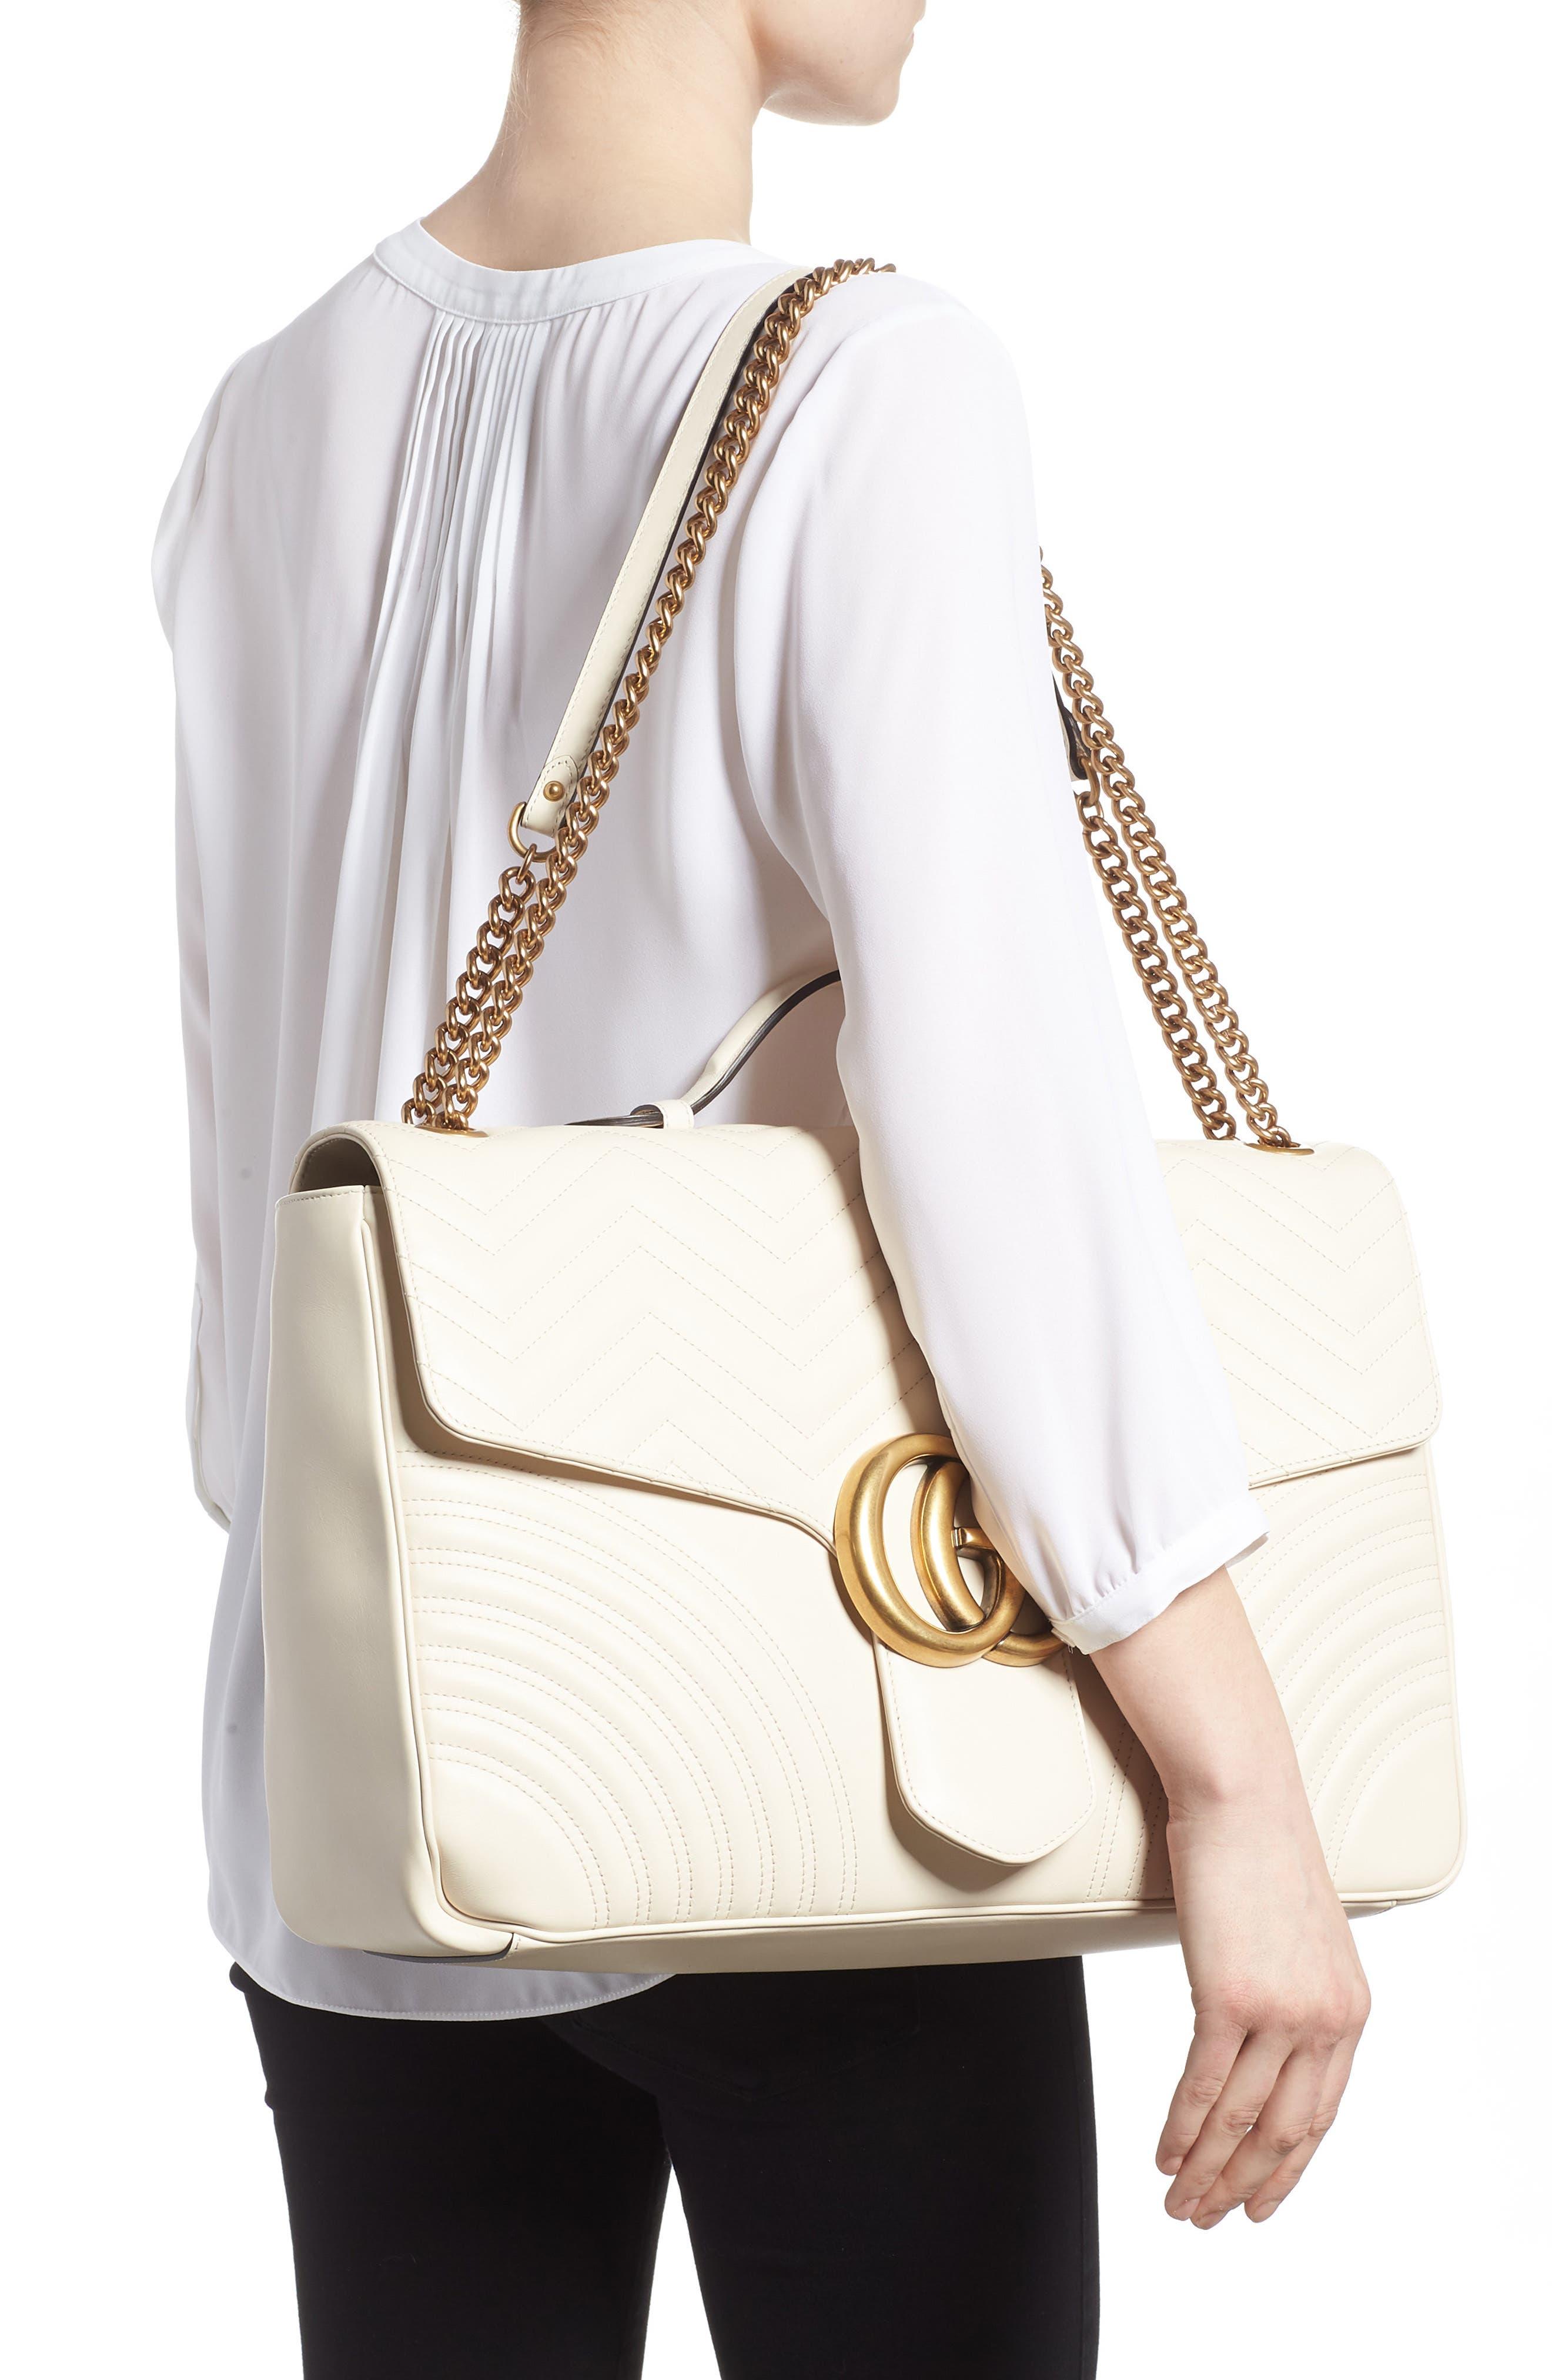 GG Marmont Maxi Matelassé Top Handle Shoulder Bag,                             Alternate thumbnail 2, color,                             White